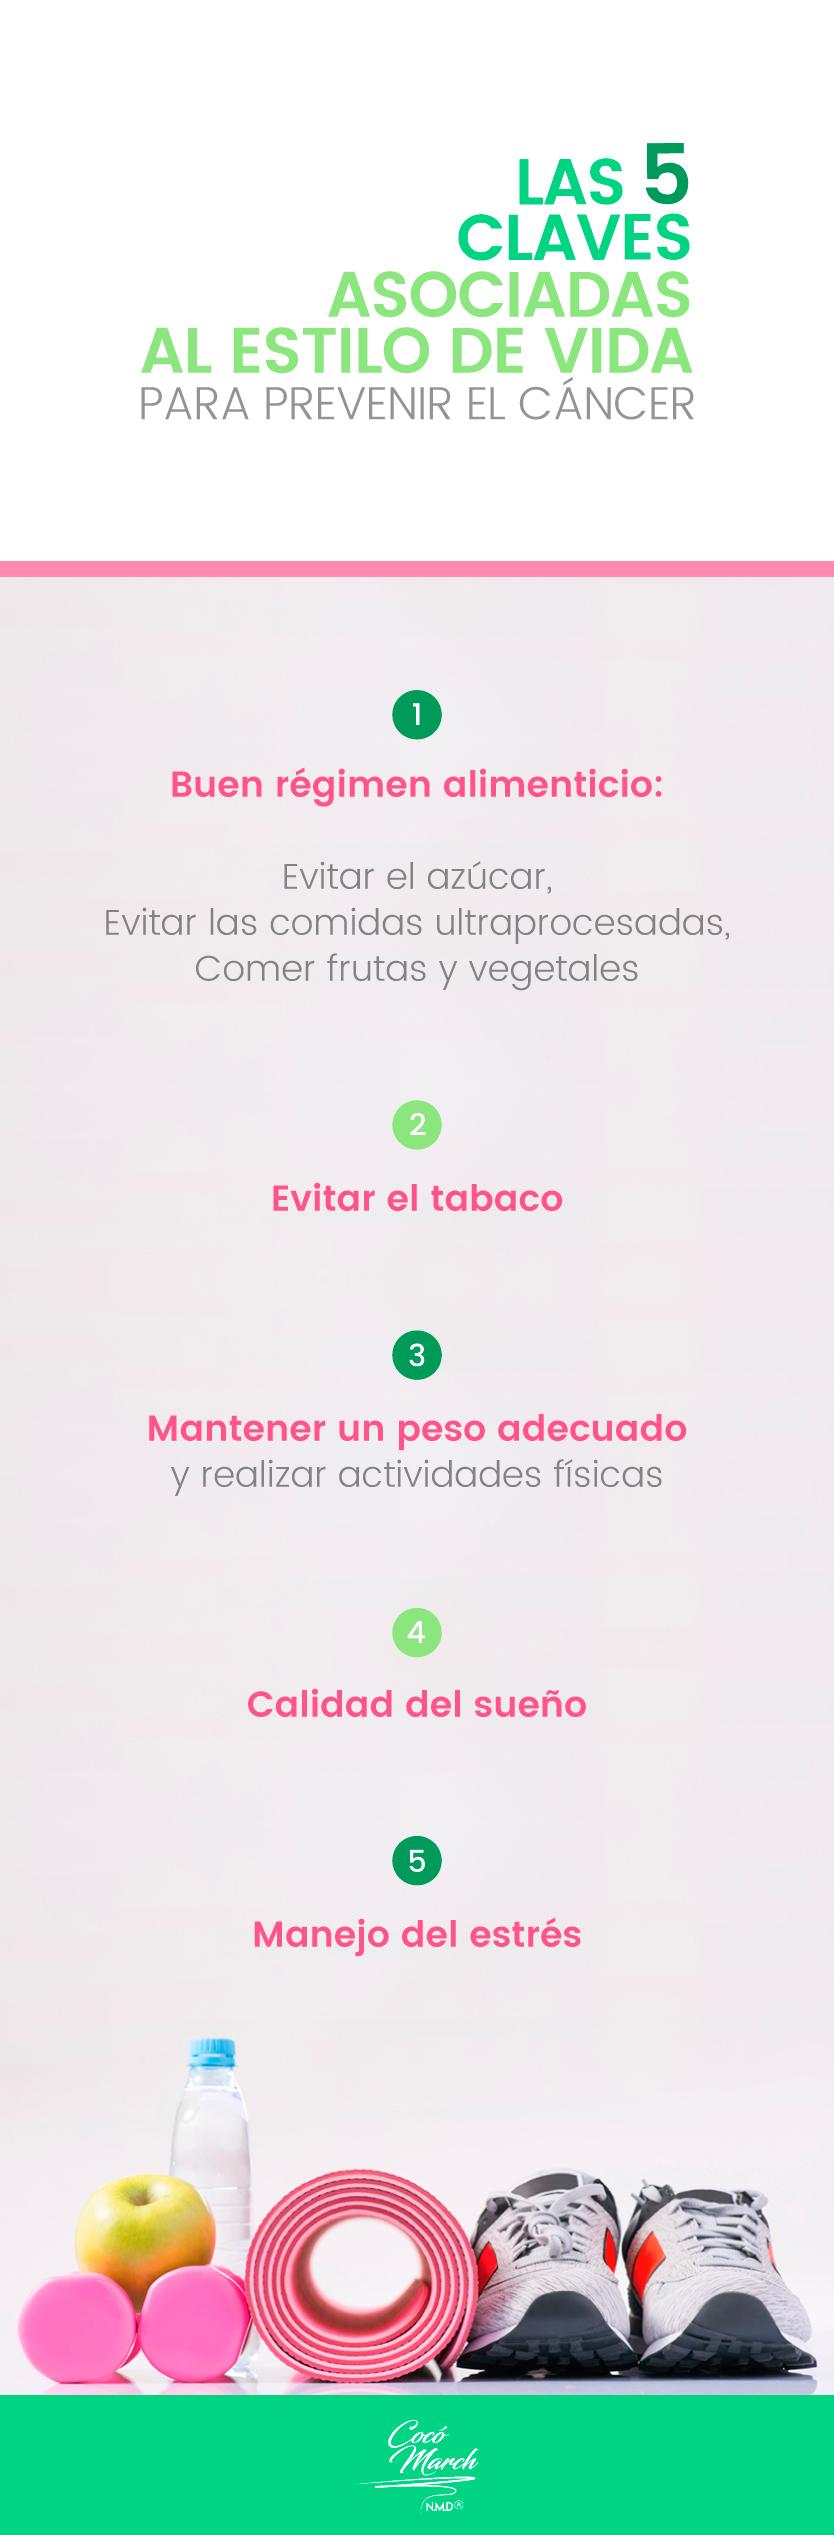 claves-de-vida-para-prevenir-el-cancer